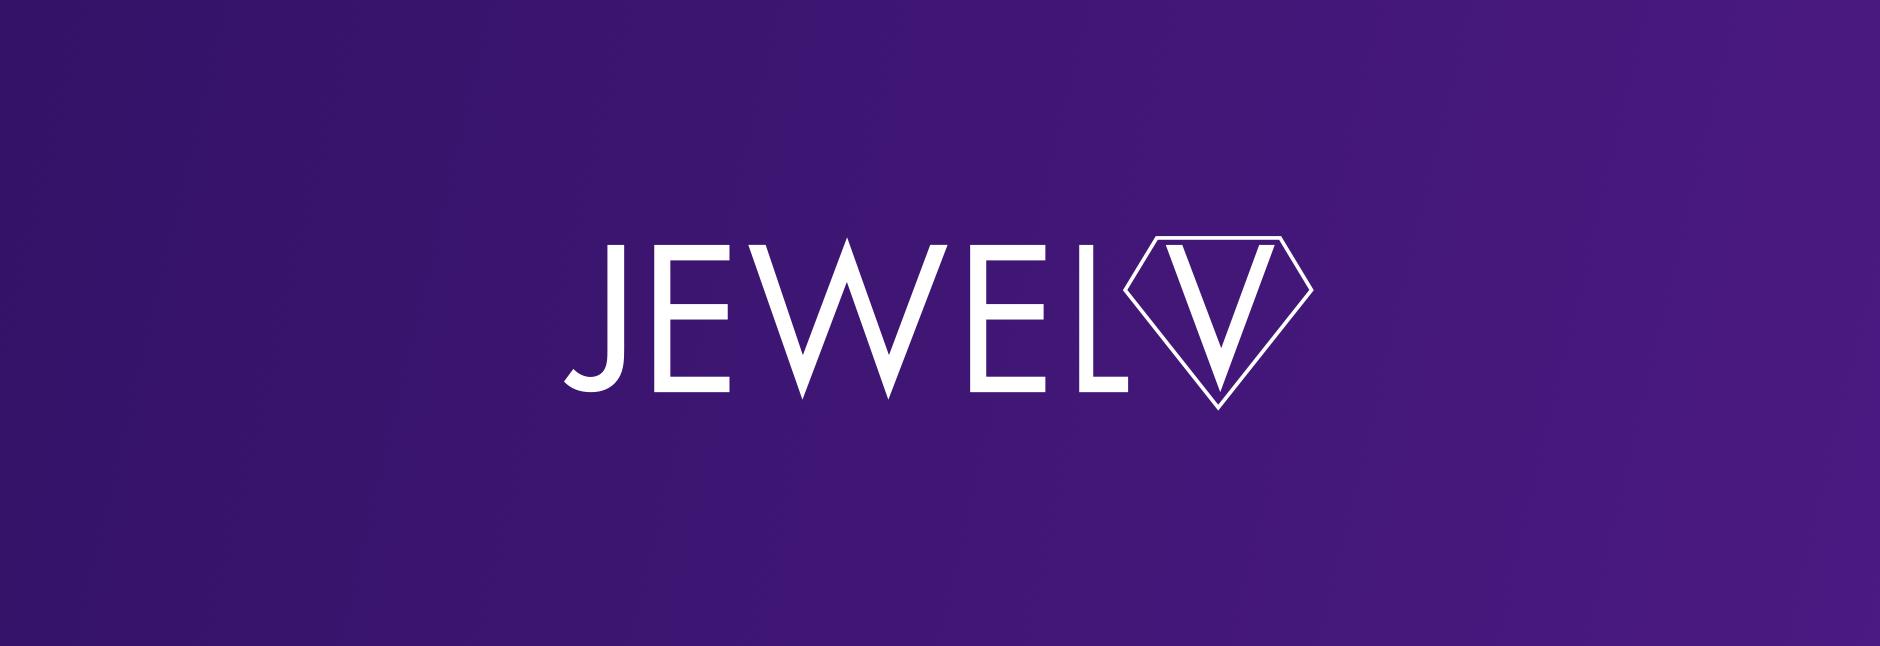 jewelv-logo